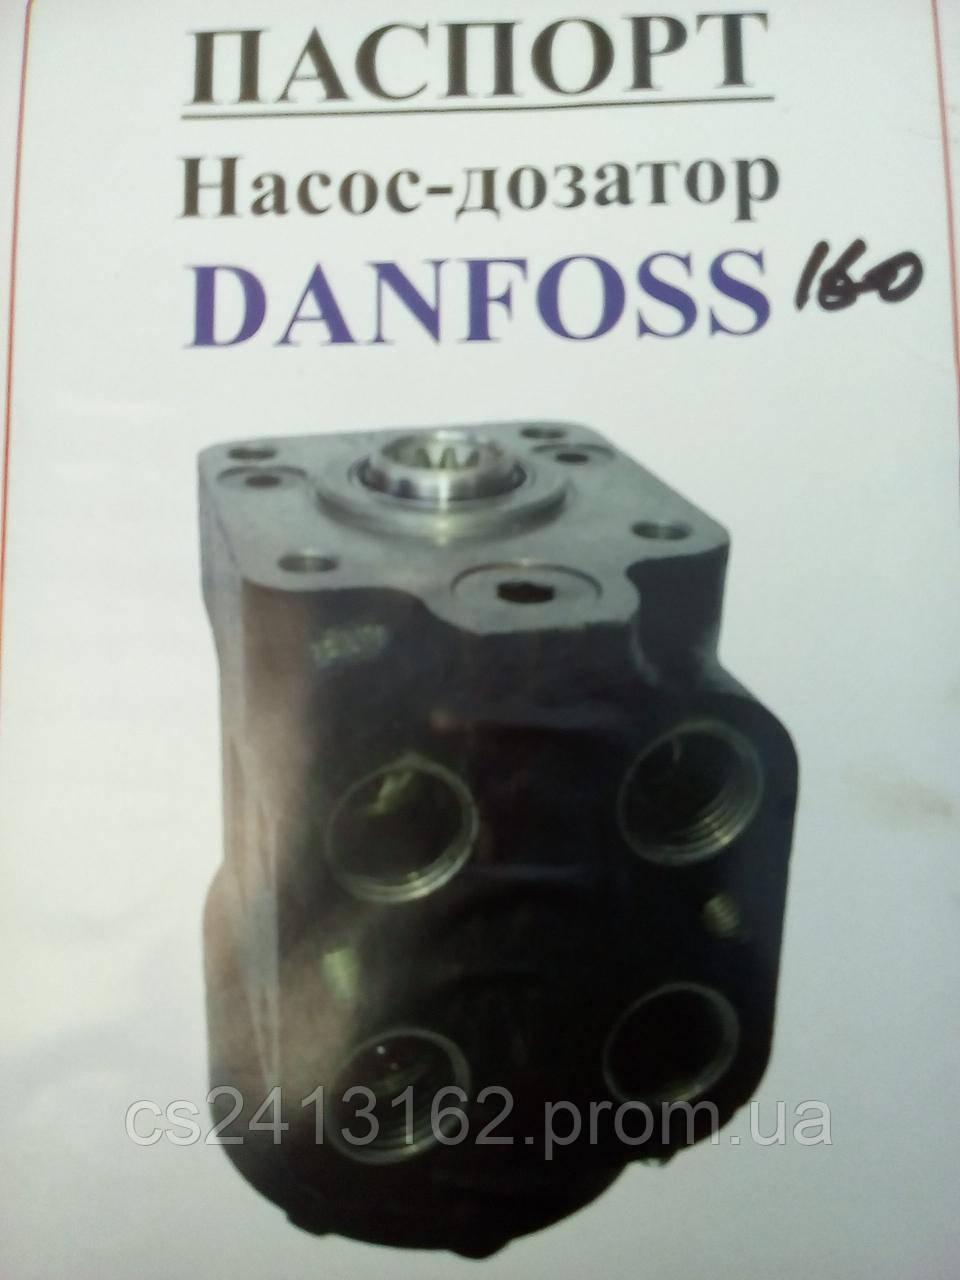 Насос-дозатор DANFOSS-160, 100 трактора МТЗ, ЮМЗ